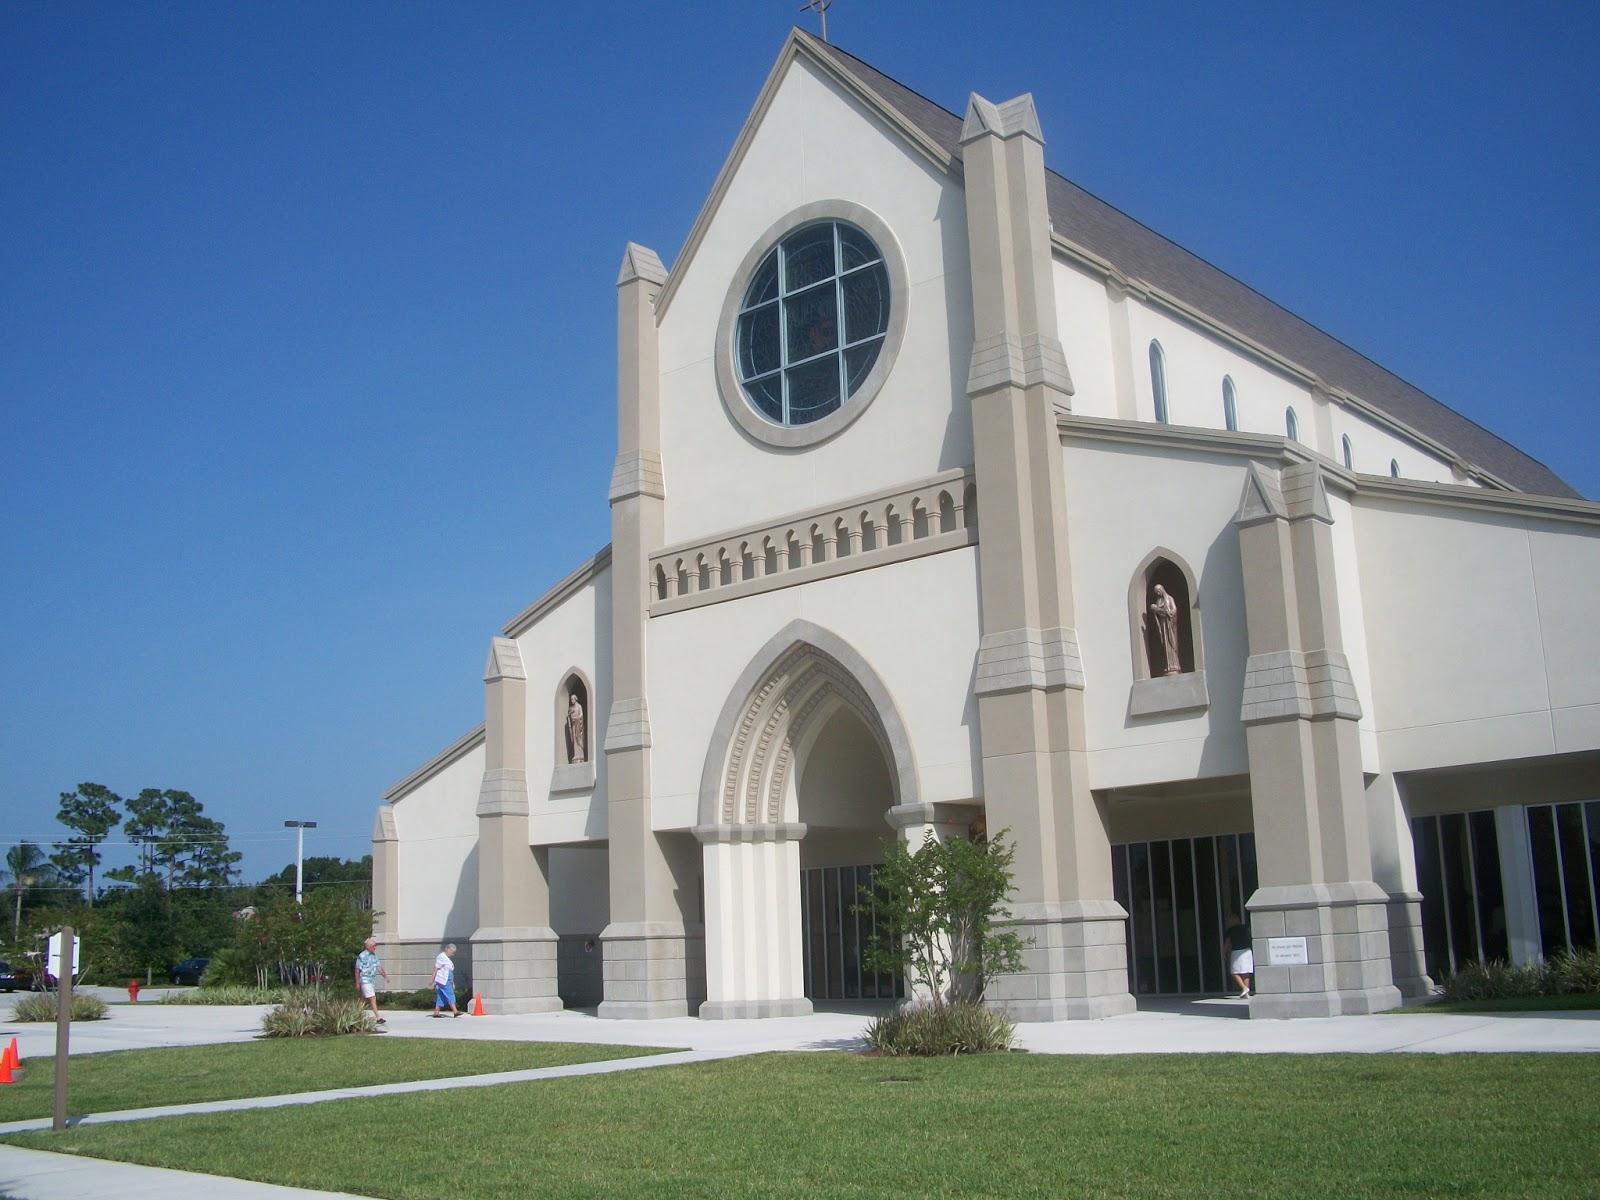 St. Mary's Catholic Church - Pahokee Information